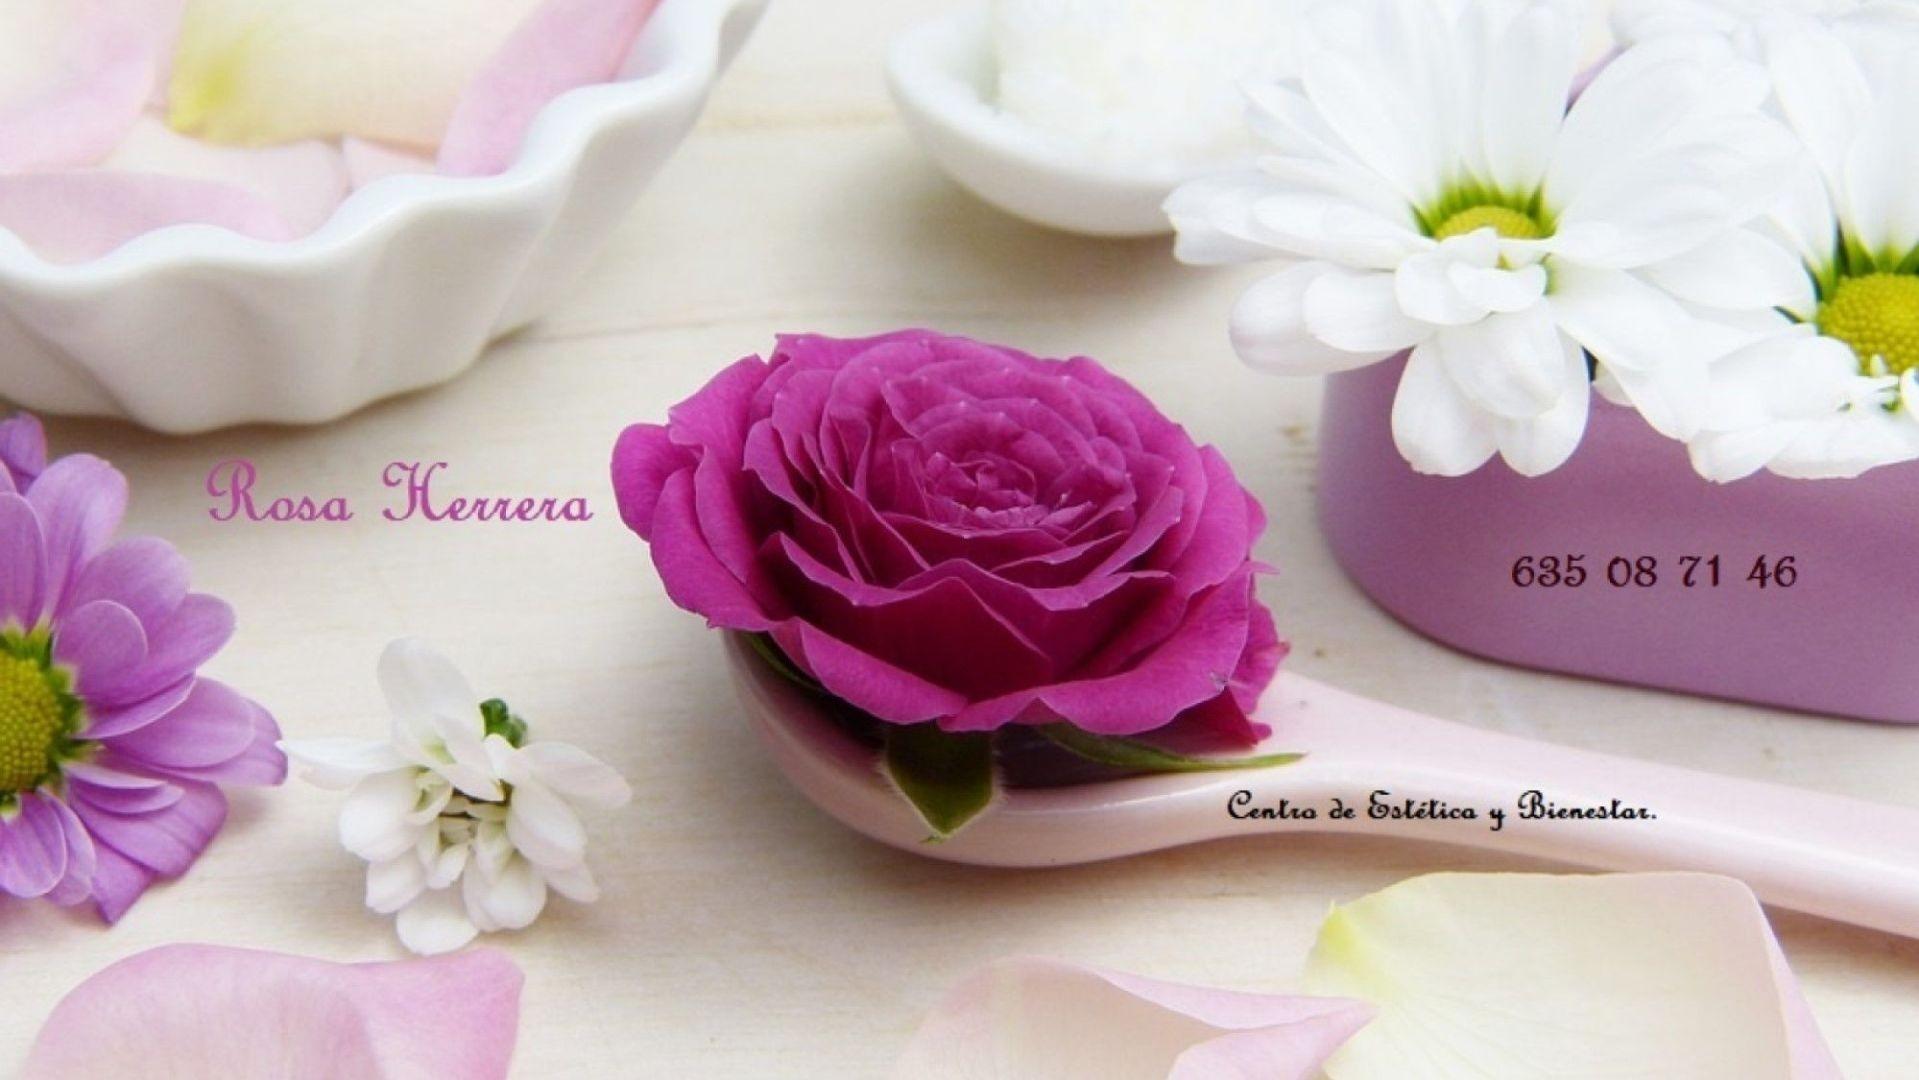 rosa herrera